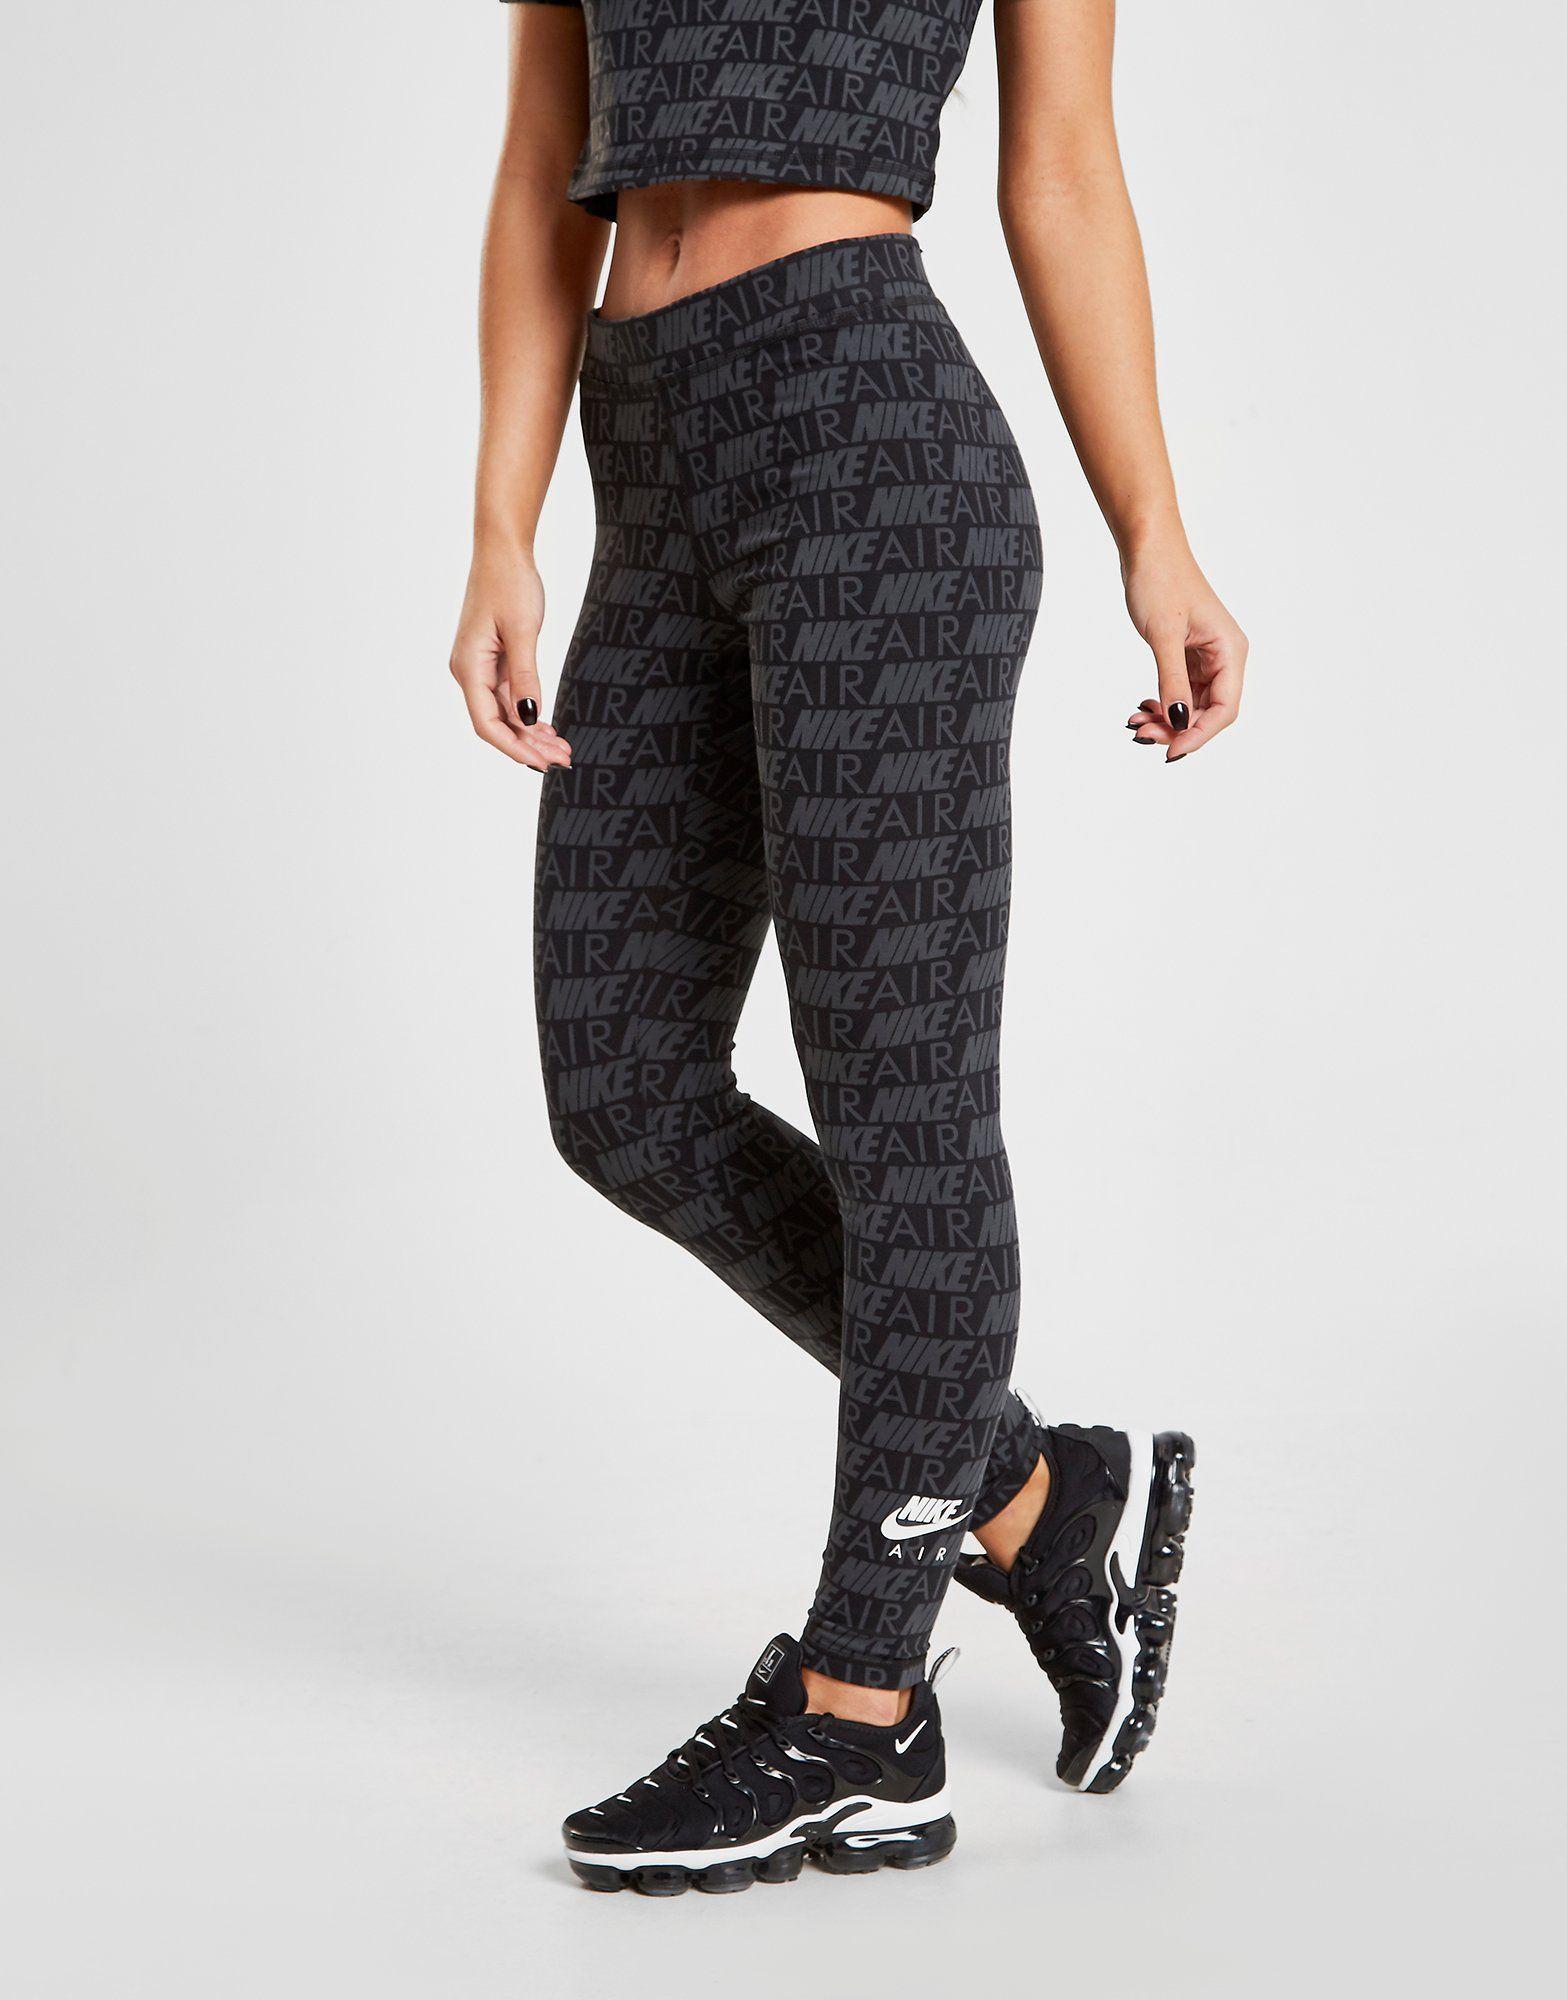 Nike Air All Over Print Leggings